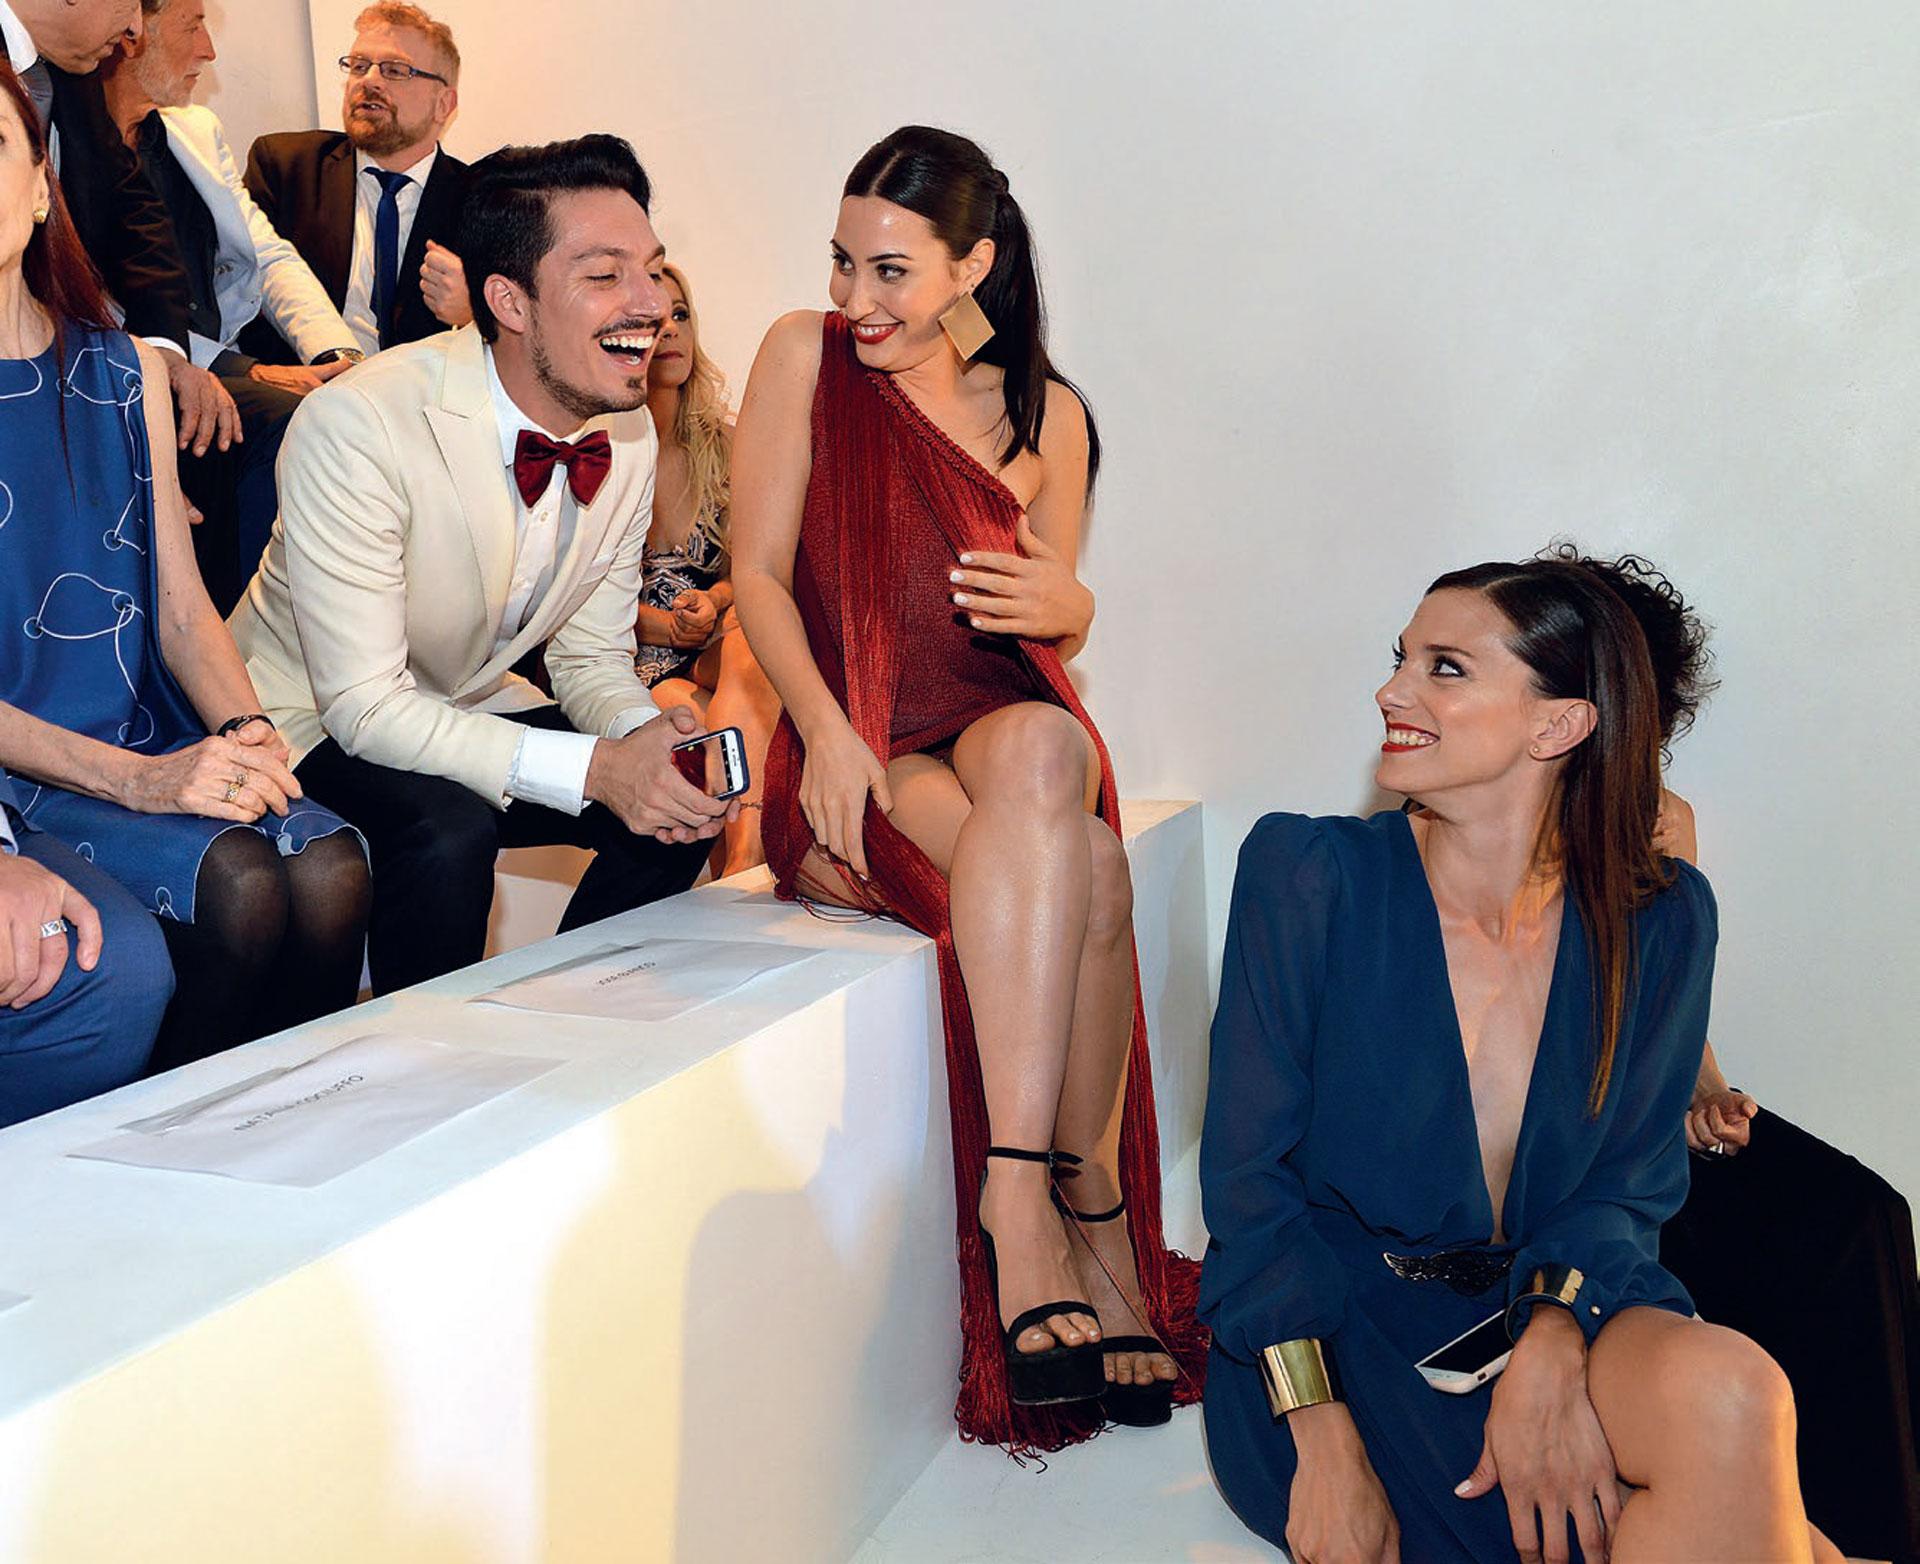 Risas cómplices entre Guido Zaffora, Johanna Francella y Manuela Pal.